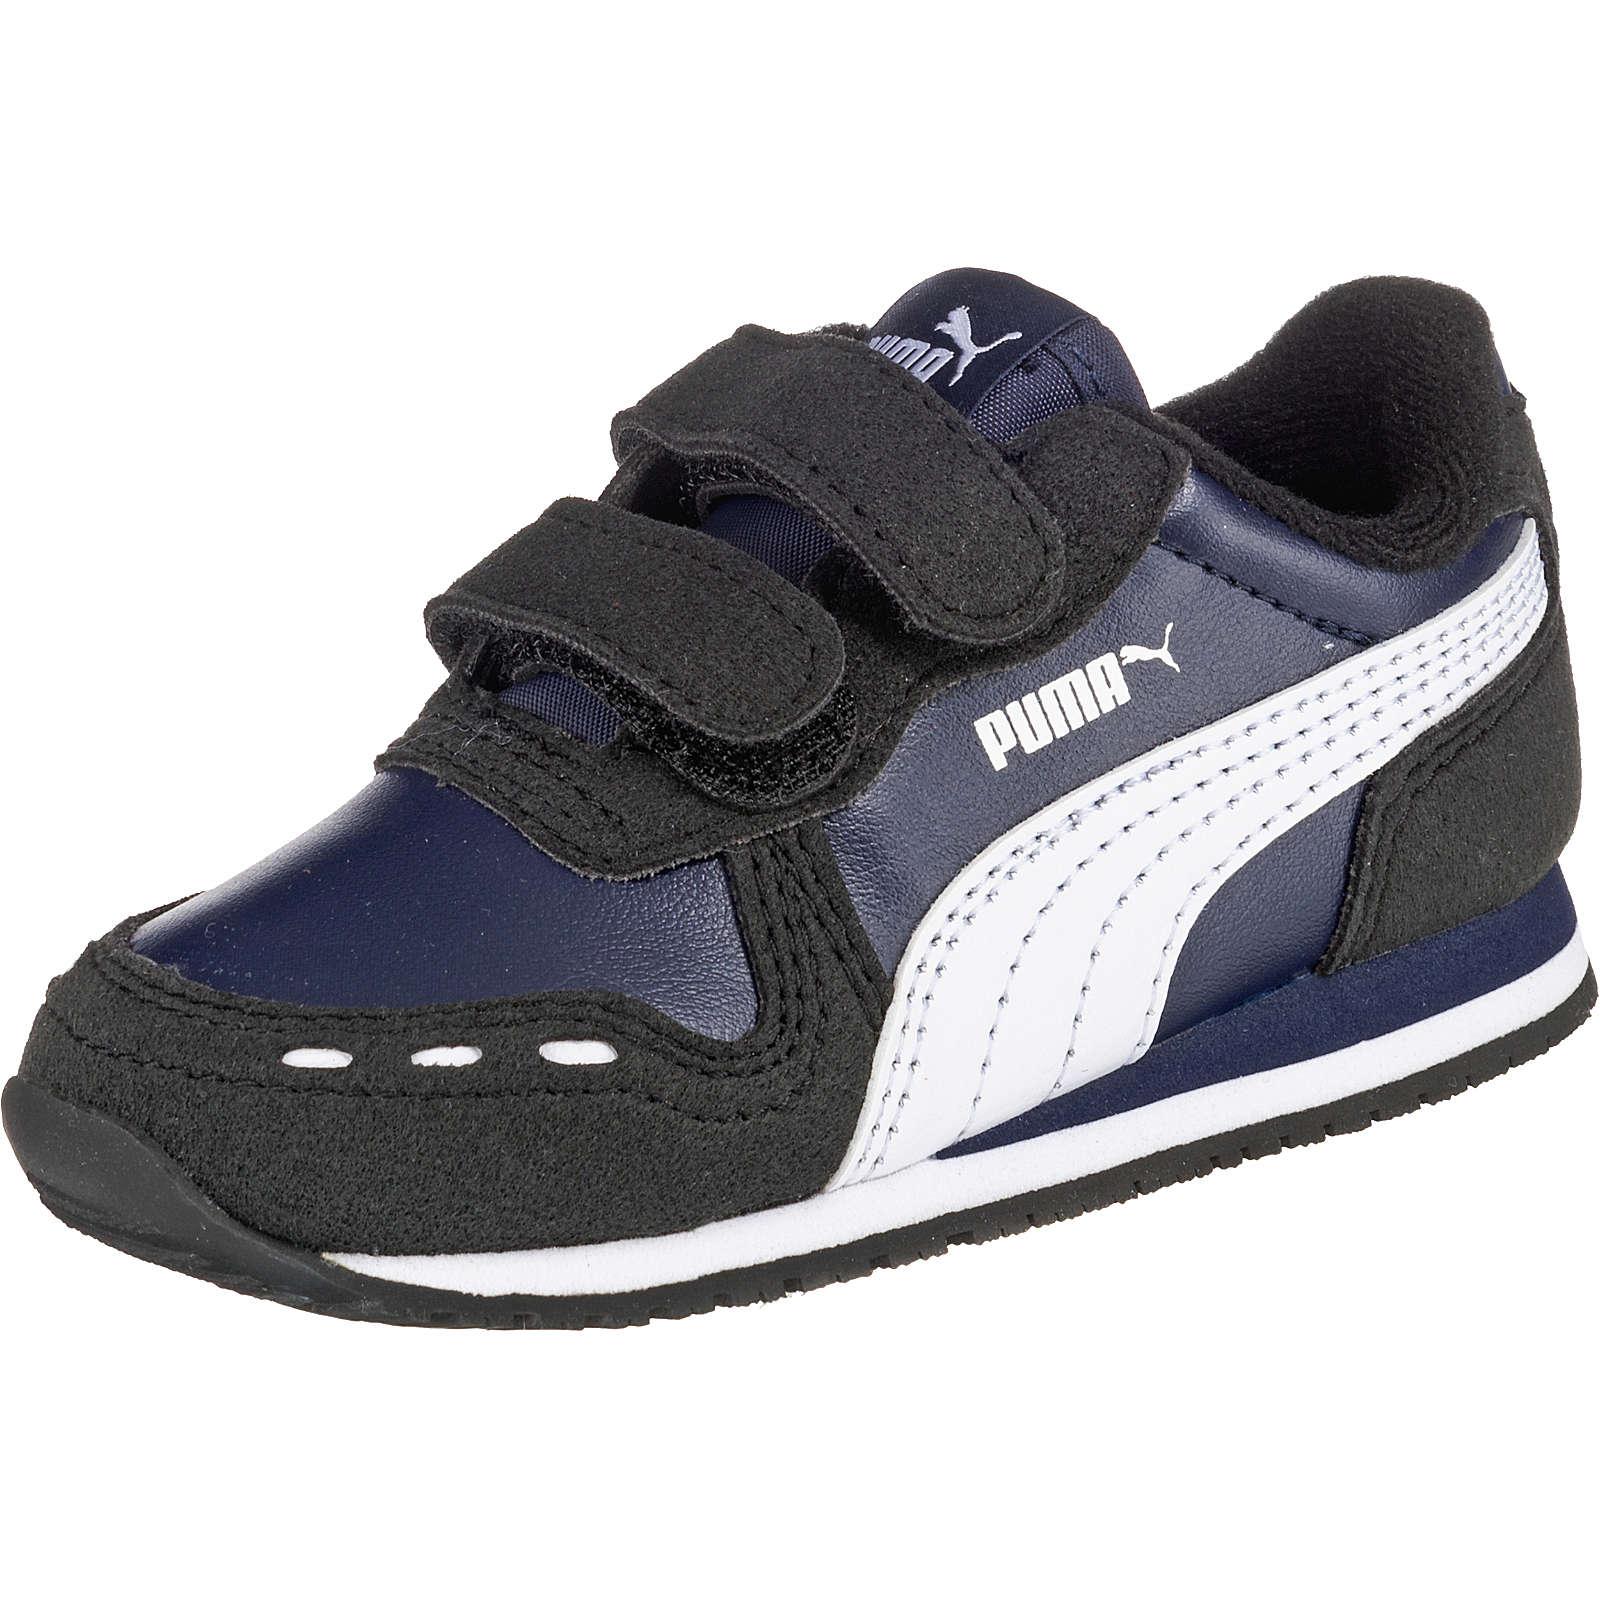 PUMA Baby Sneakers Low CABANA RACER SL V für Jungen dunkelblau Junge Gr. 25